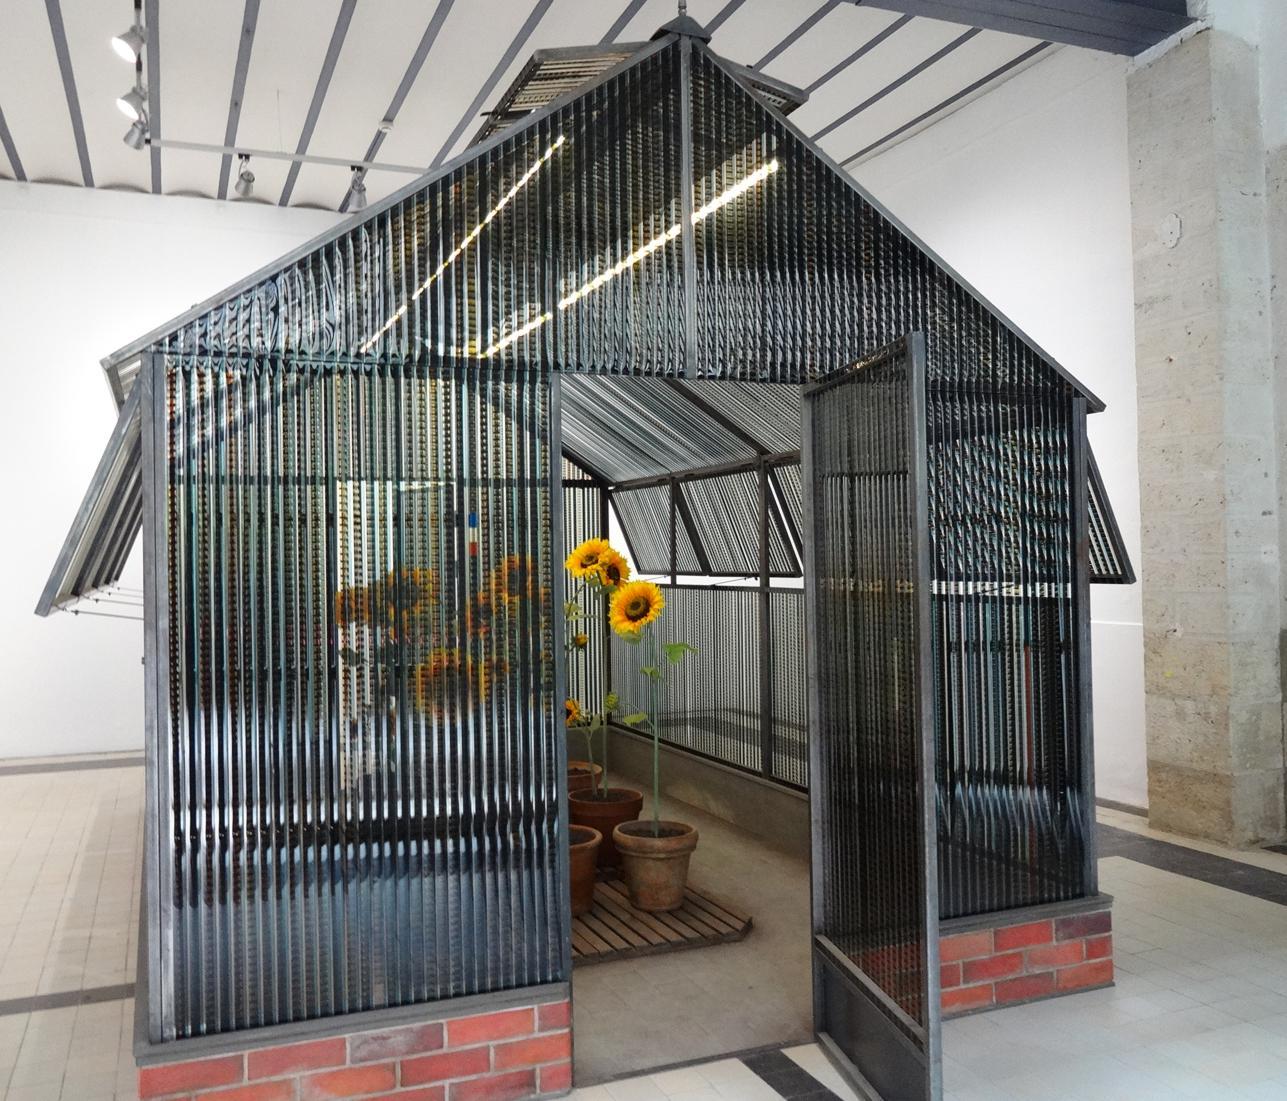 19 Chaumont sur Loire Pavillon Ouvre Agnes Varda